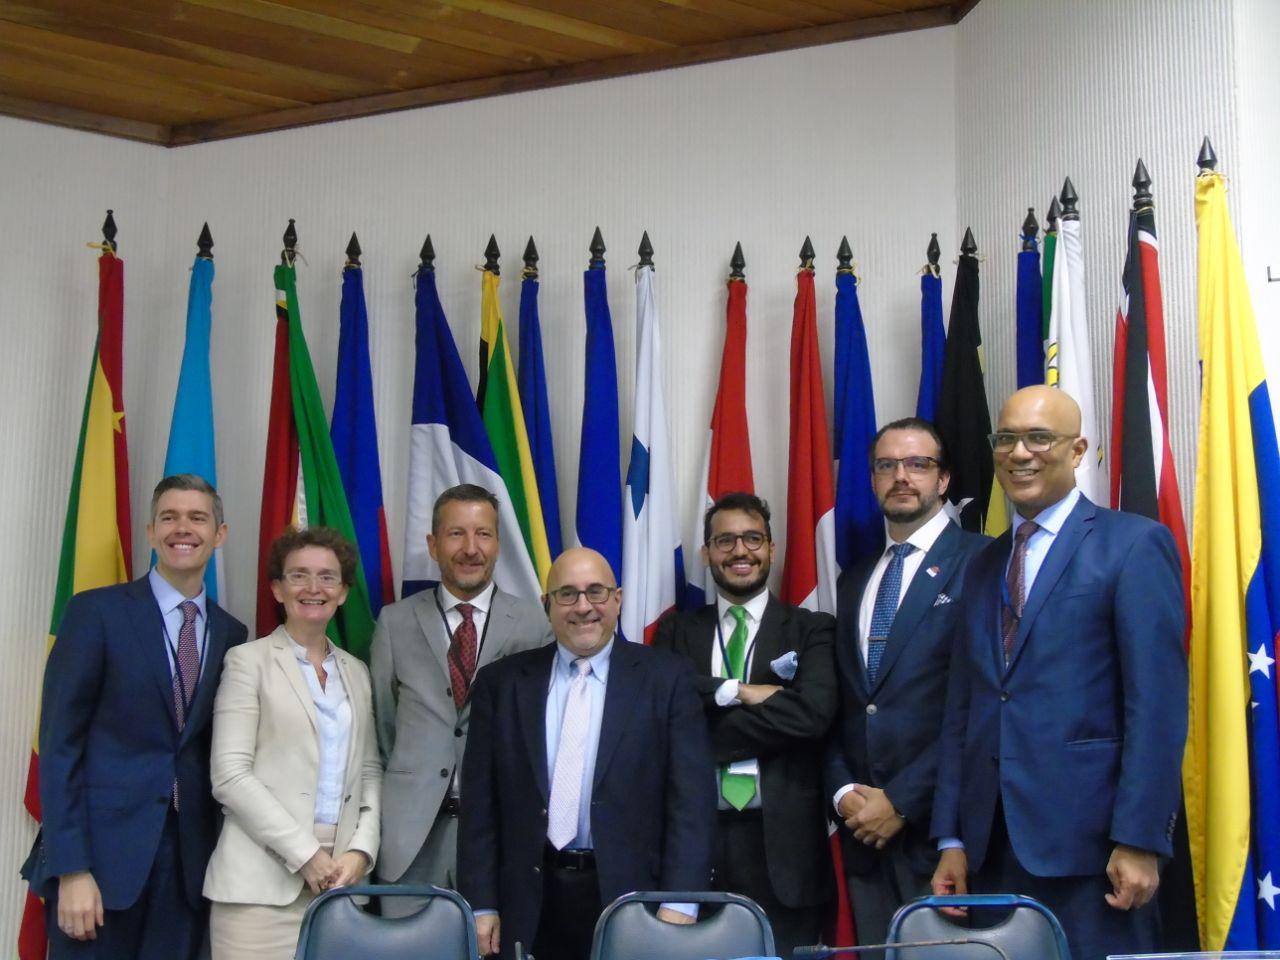 Exitosa inauguración del I Congreso de Matrimonio Igualitario